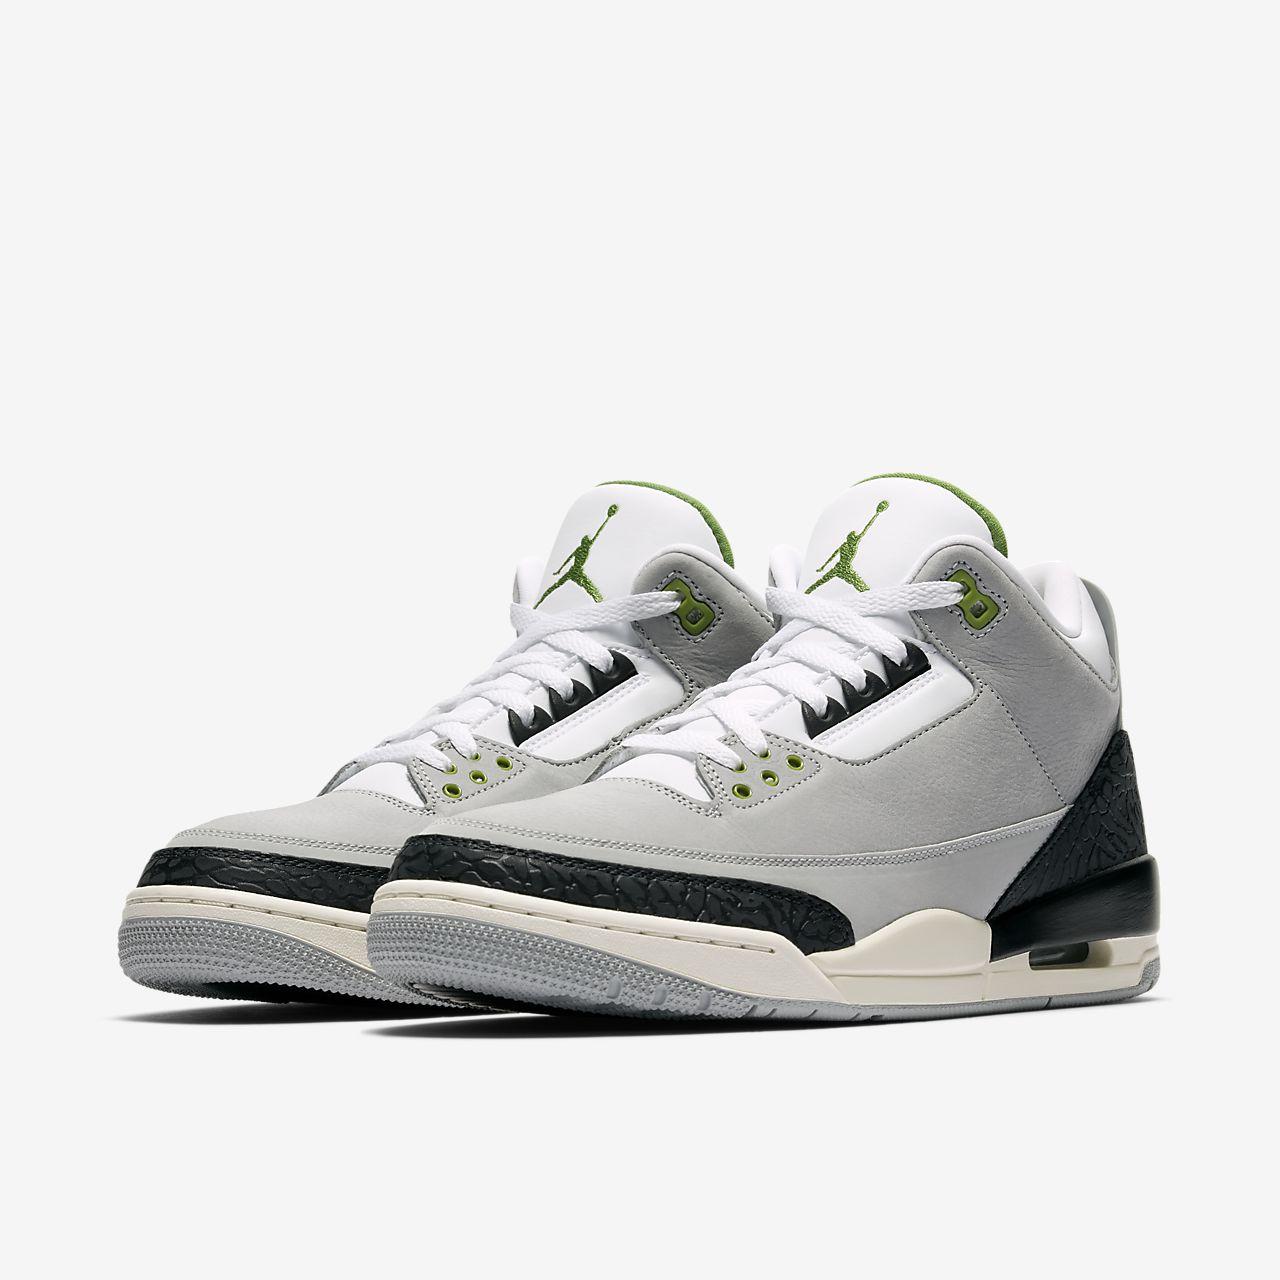 1268dba9d Air Jordan 3 Retro Zapatillas - Hombre. Nike.com ES